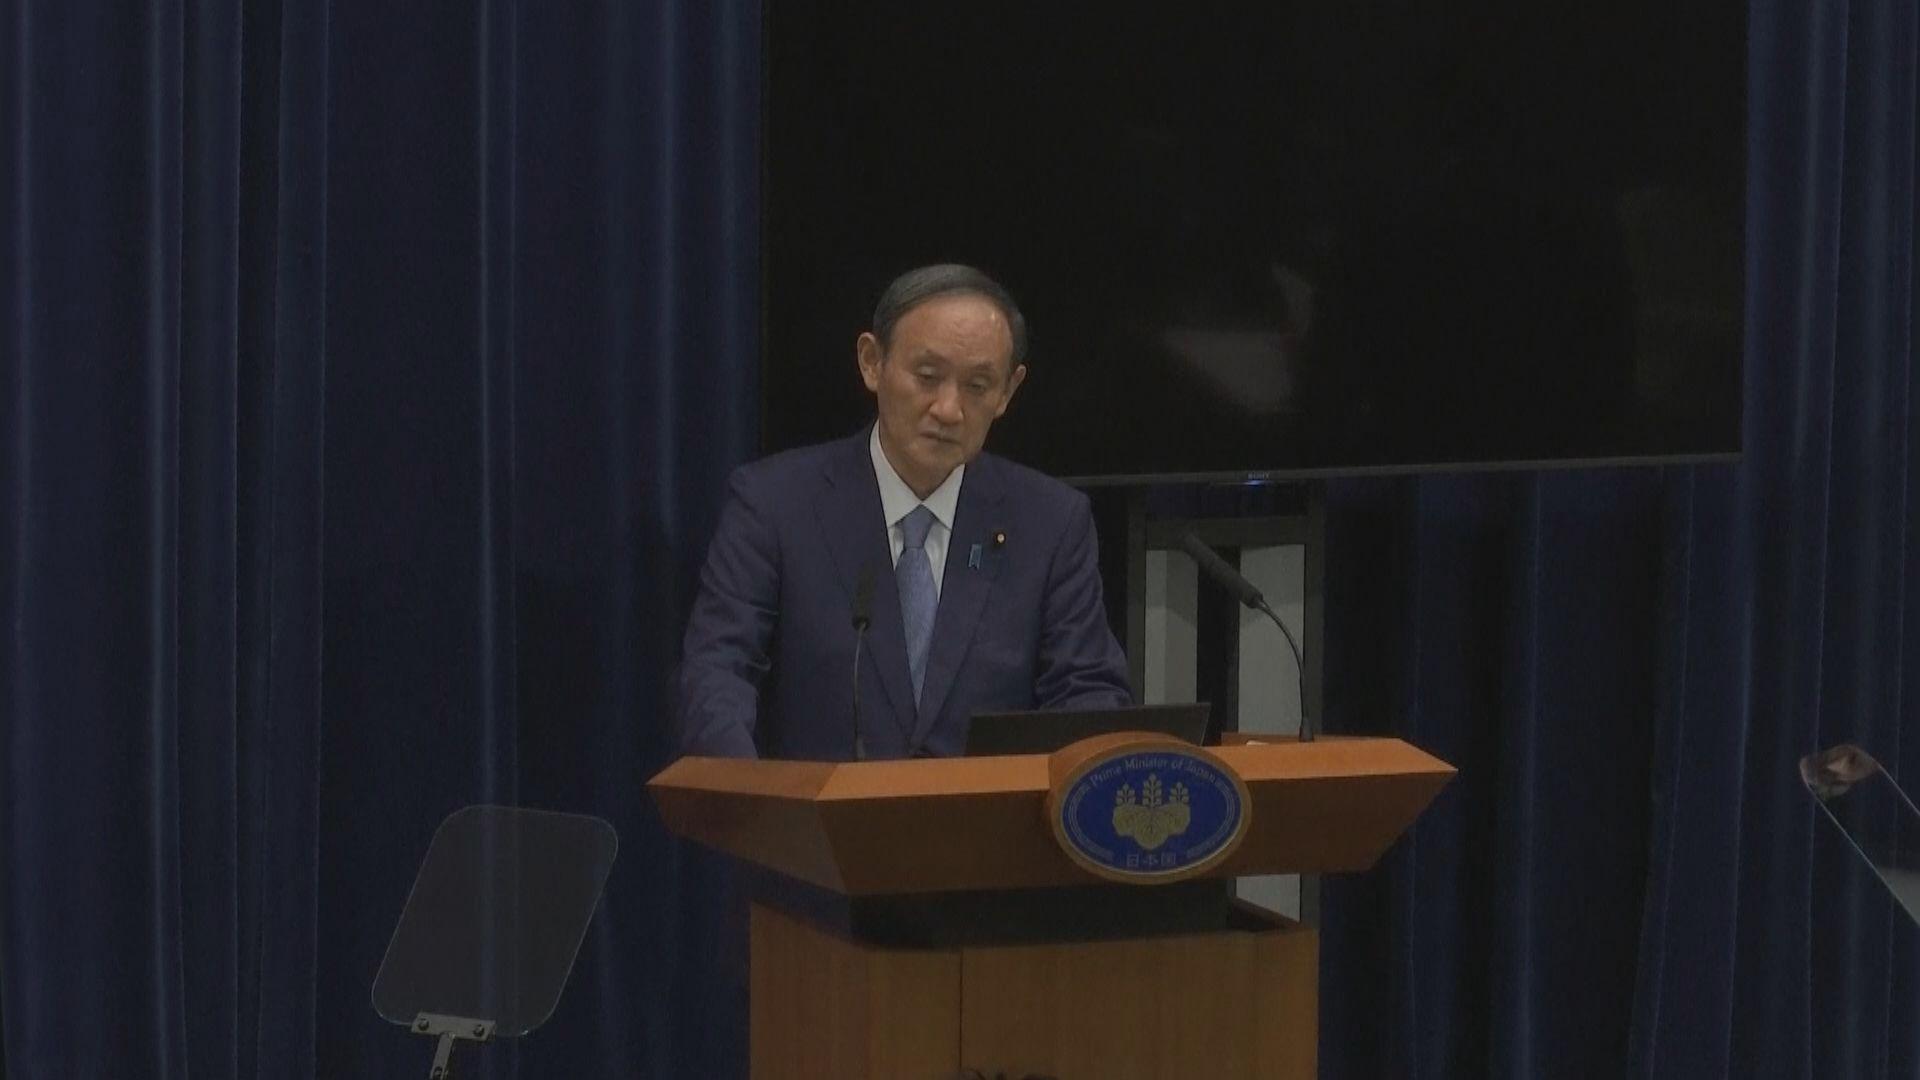 菅義偉:Delta變種病毒以前所未有速度傳播